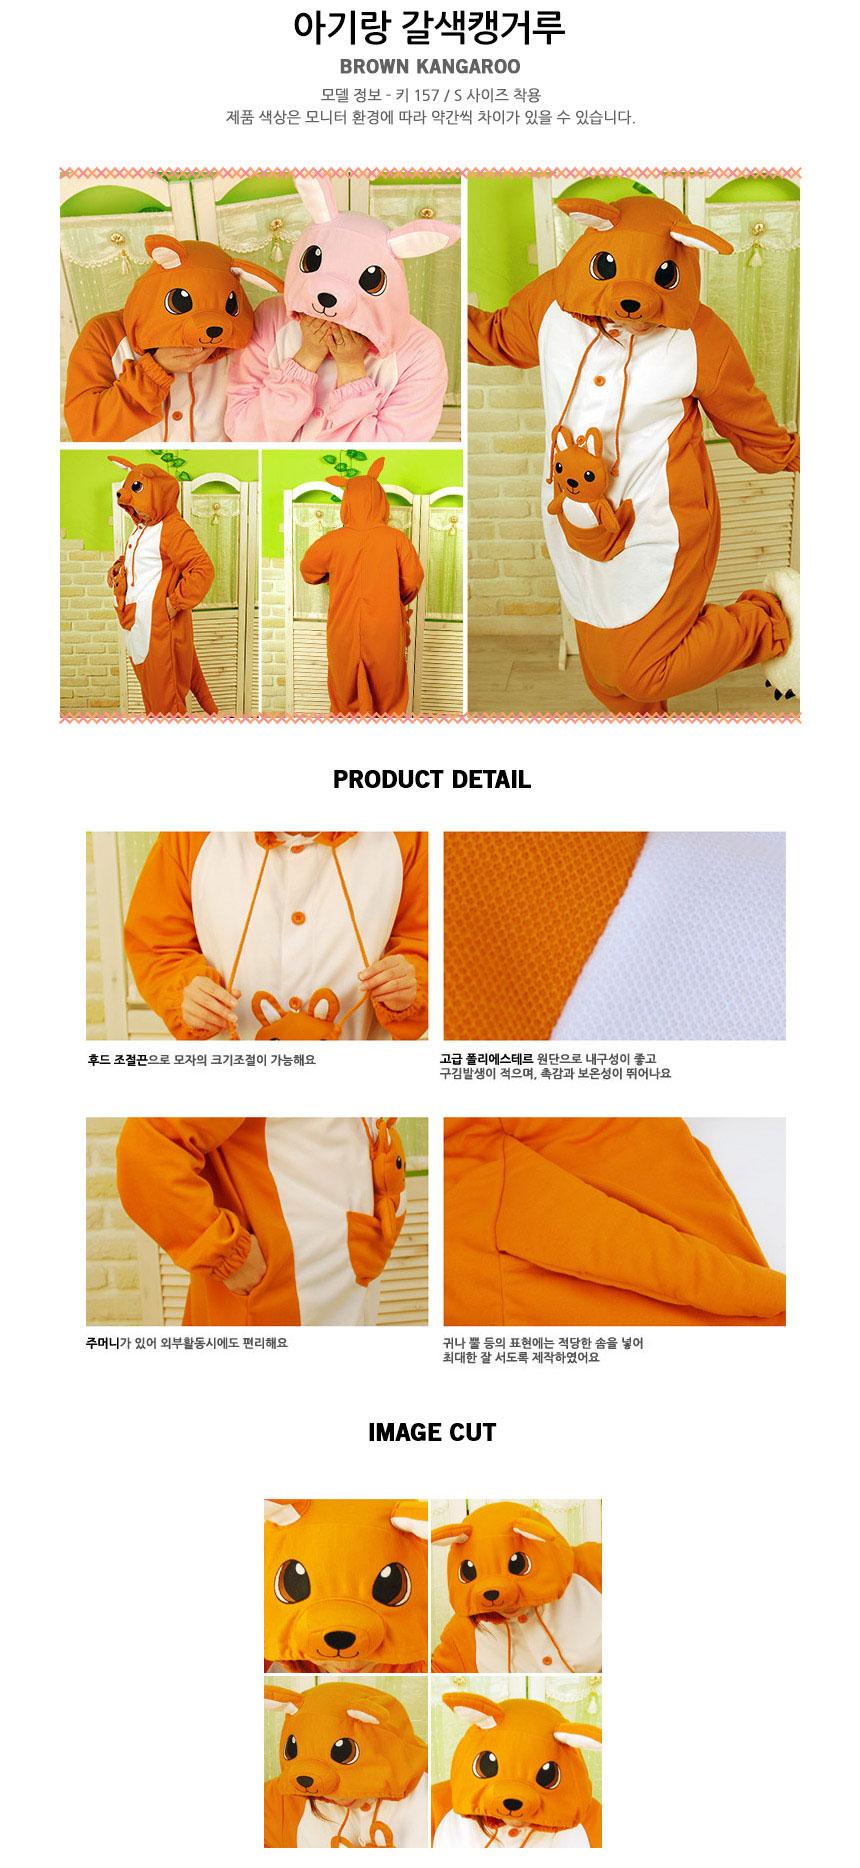 사계절 동물잠옷 캥거루 (브라운) - 스위트홀릭, 39,000원, 잠옷, 동물잠옷